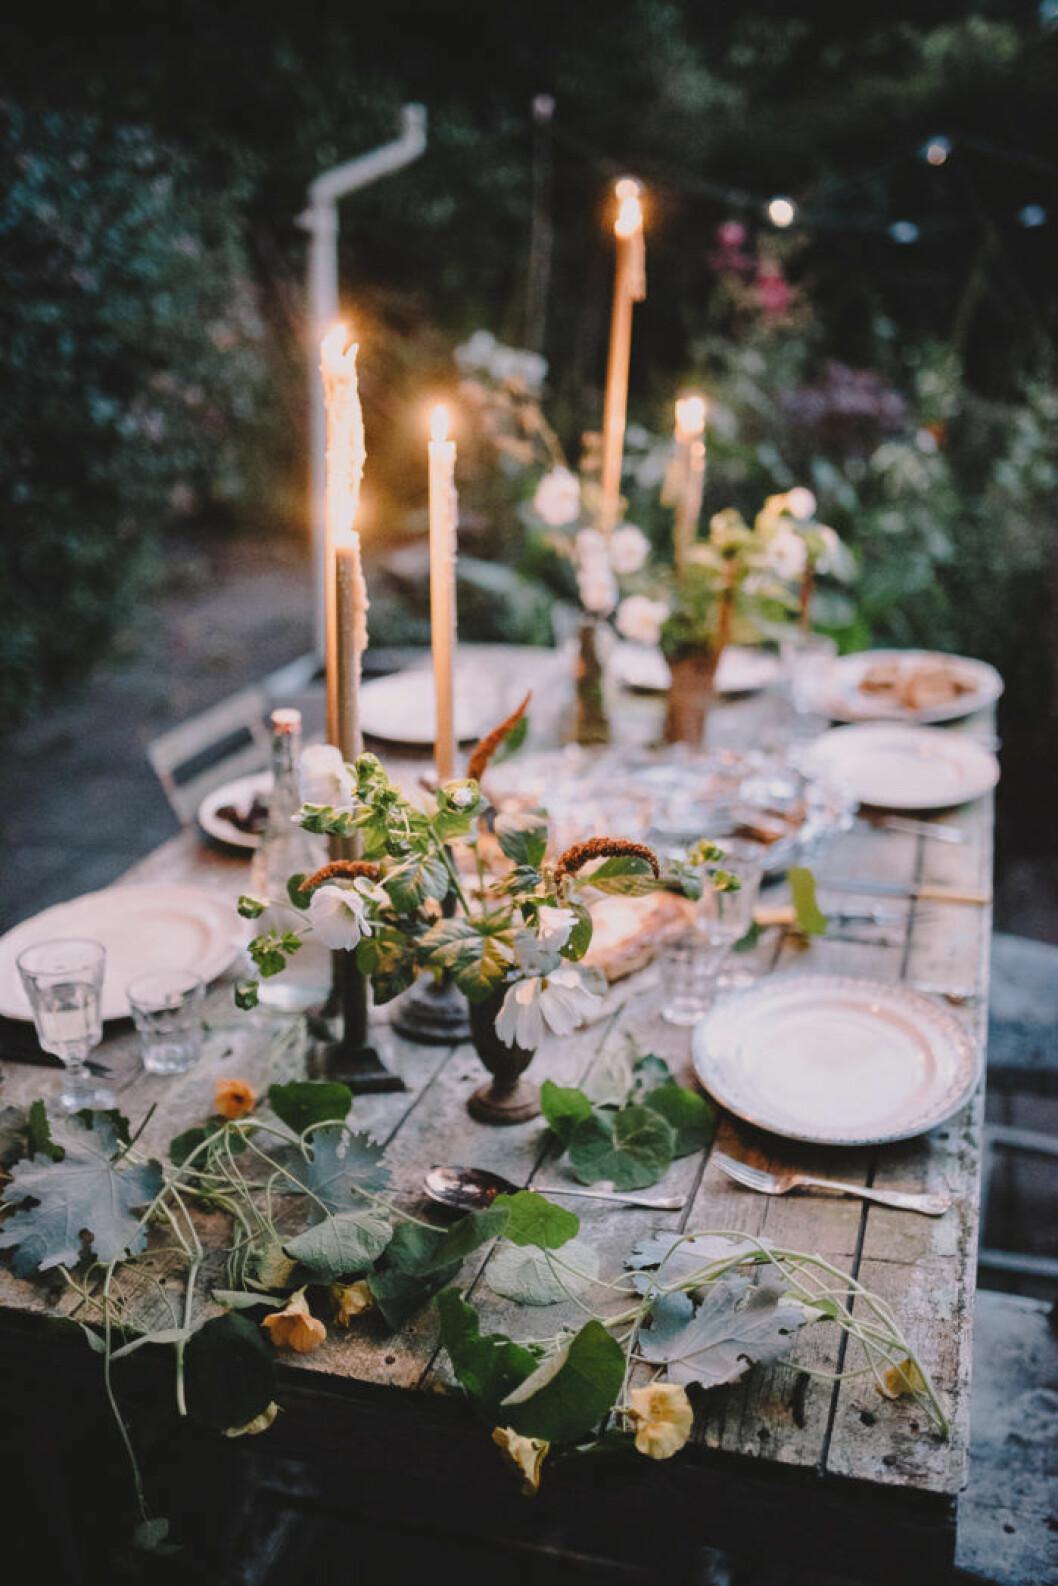 rustik dukning med levande ljus